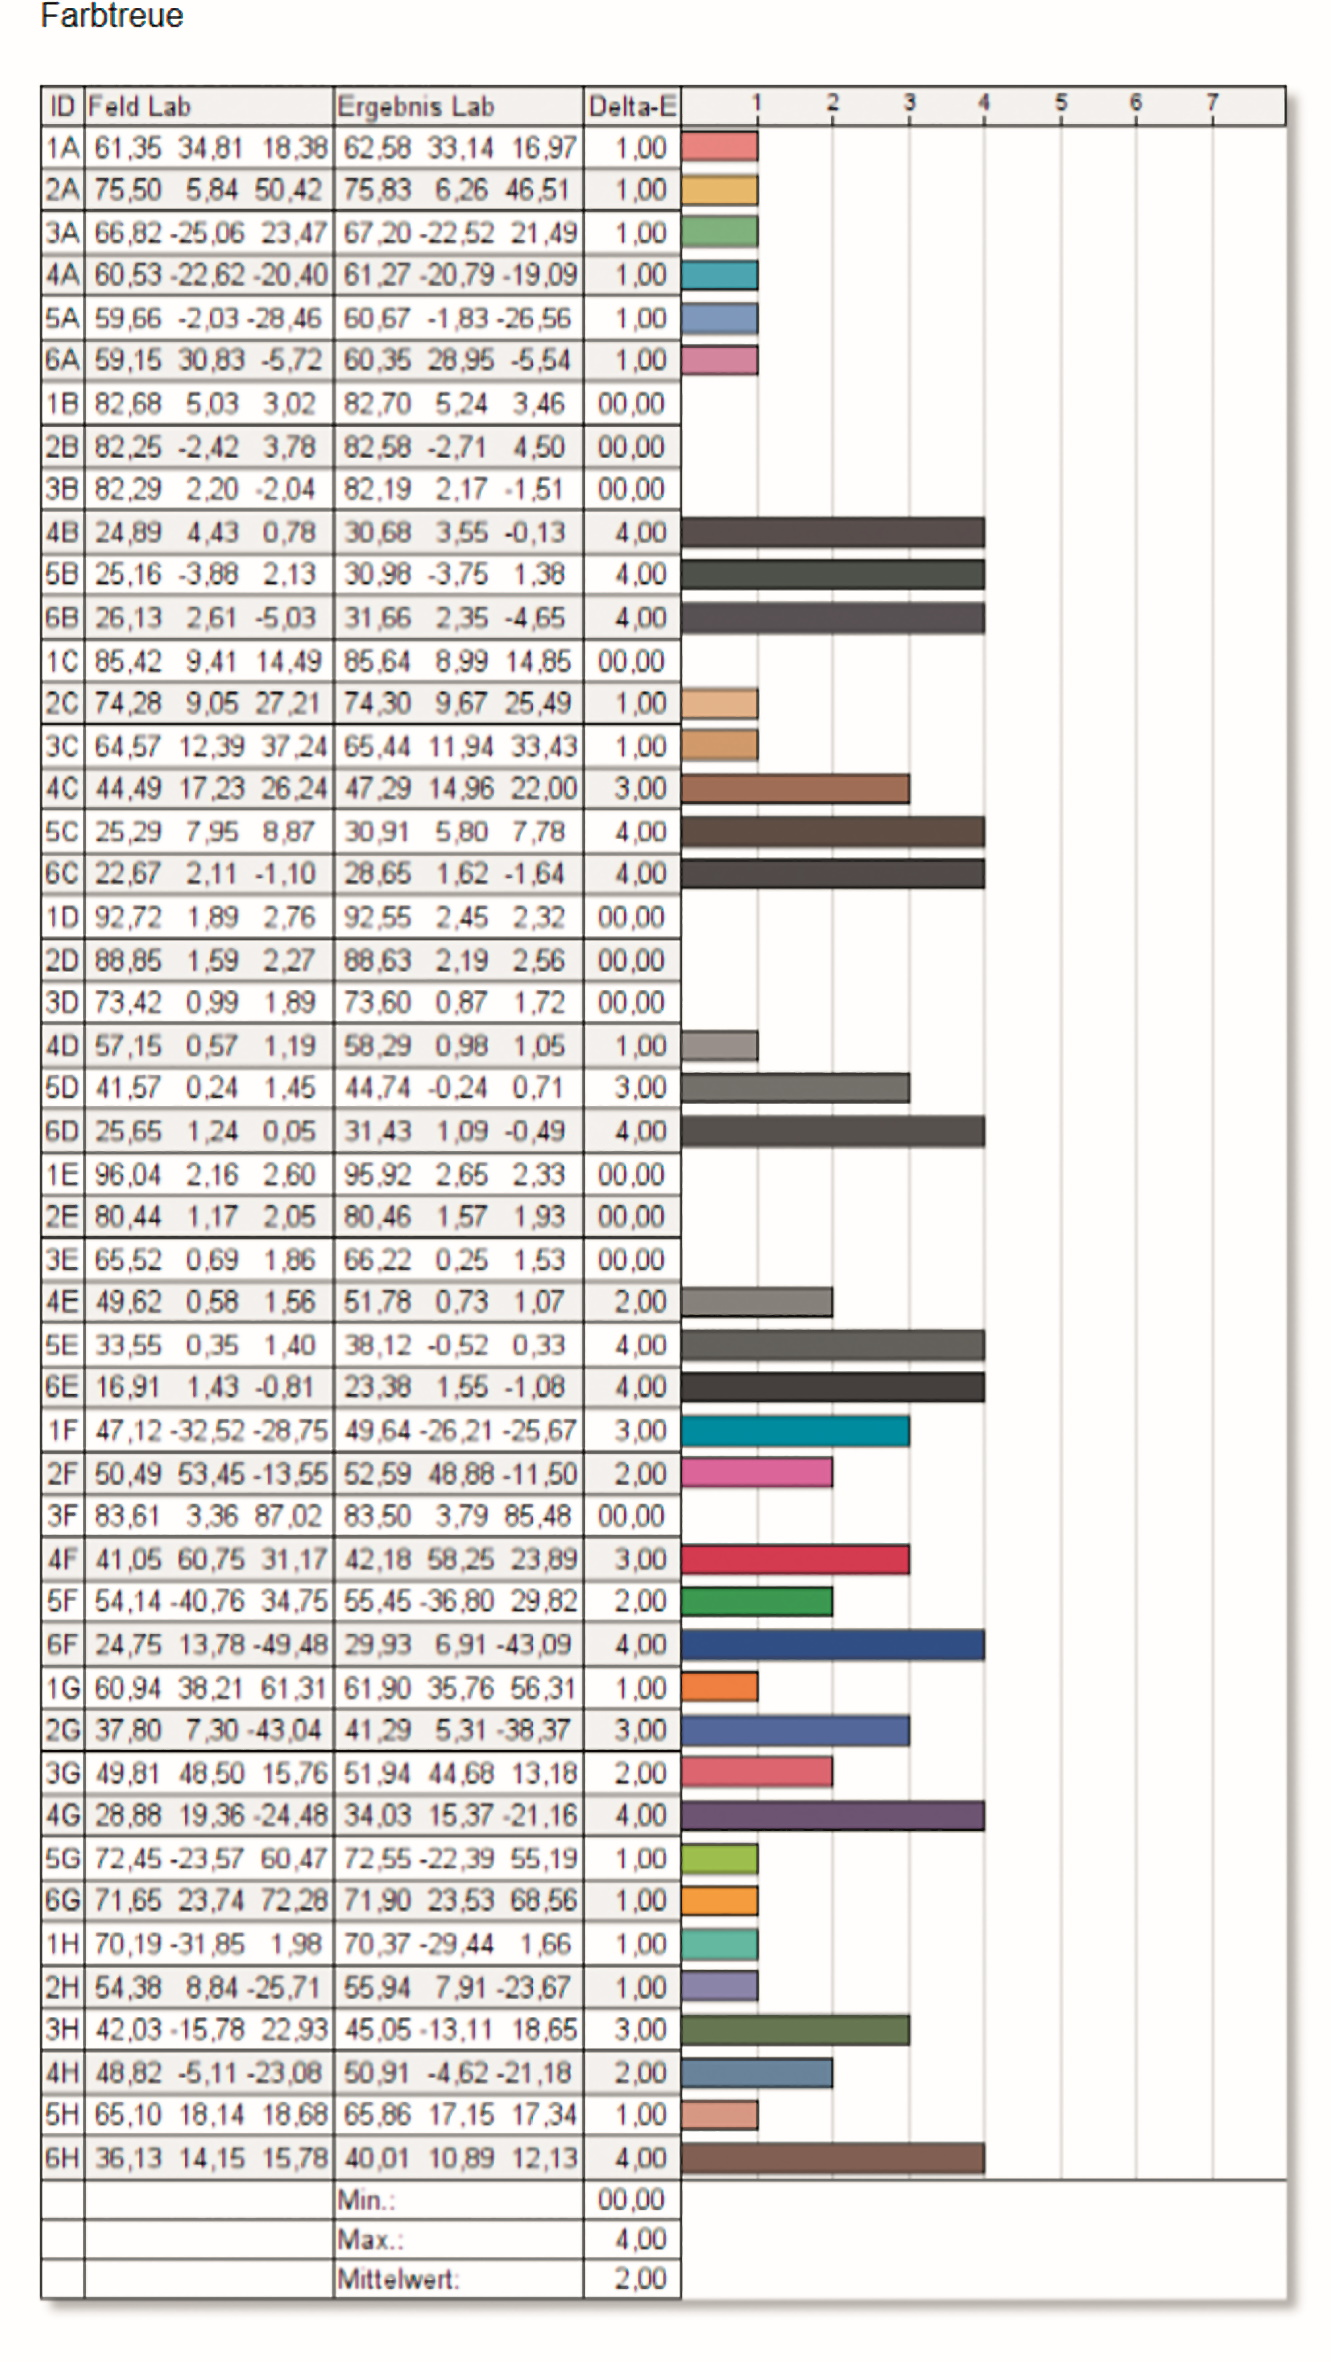 Bei unserer Messung hatten wir ein durchschnittliches DeltaE von 2 im Mittelwert – wer sich die Farbmessung ansieht, wird sehen, dass diese zwischen 0 und 4 schwankt – zusammengenommen ein sehr guter Mittelwert, doch eine gewisse Flatterhaftigkeit zeigt sich trotzdem.